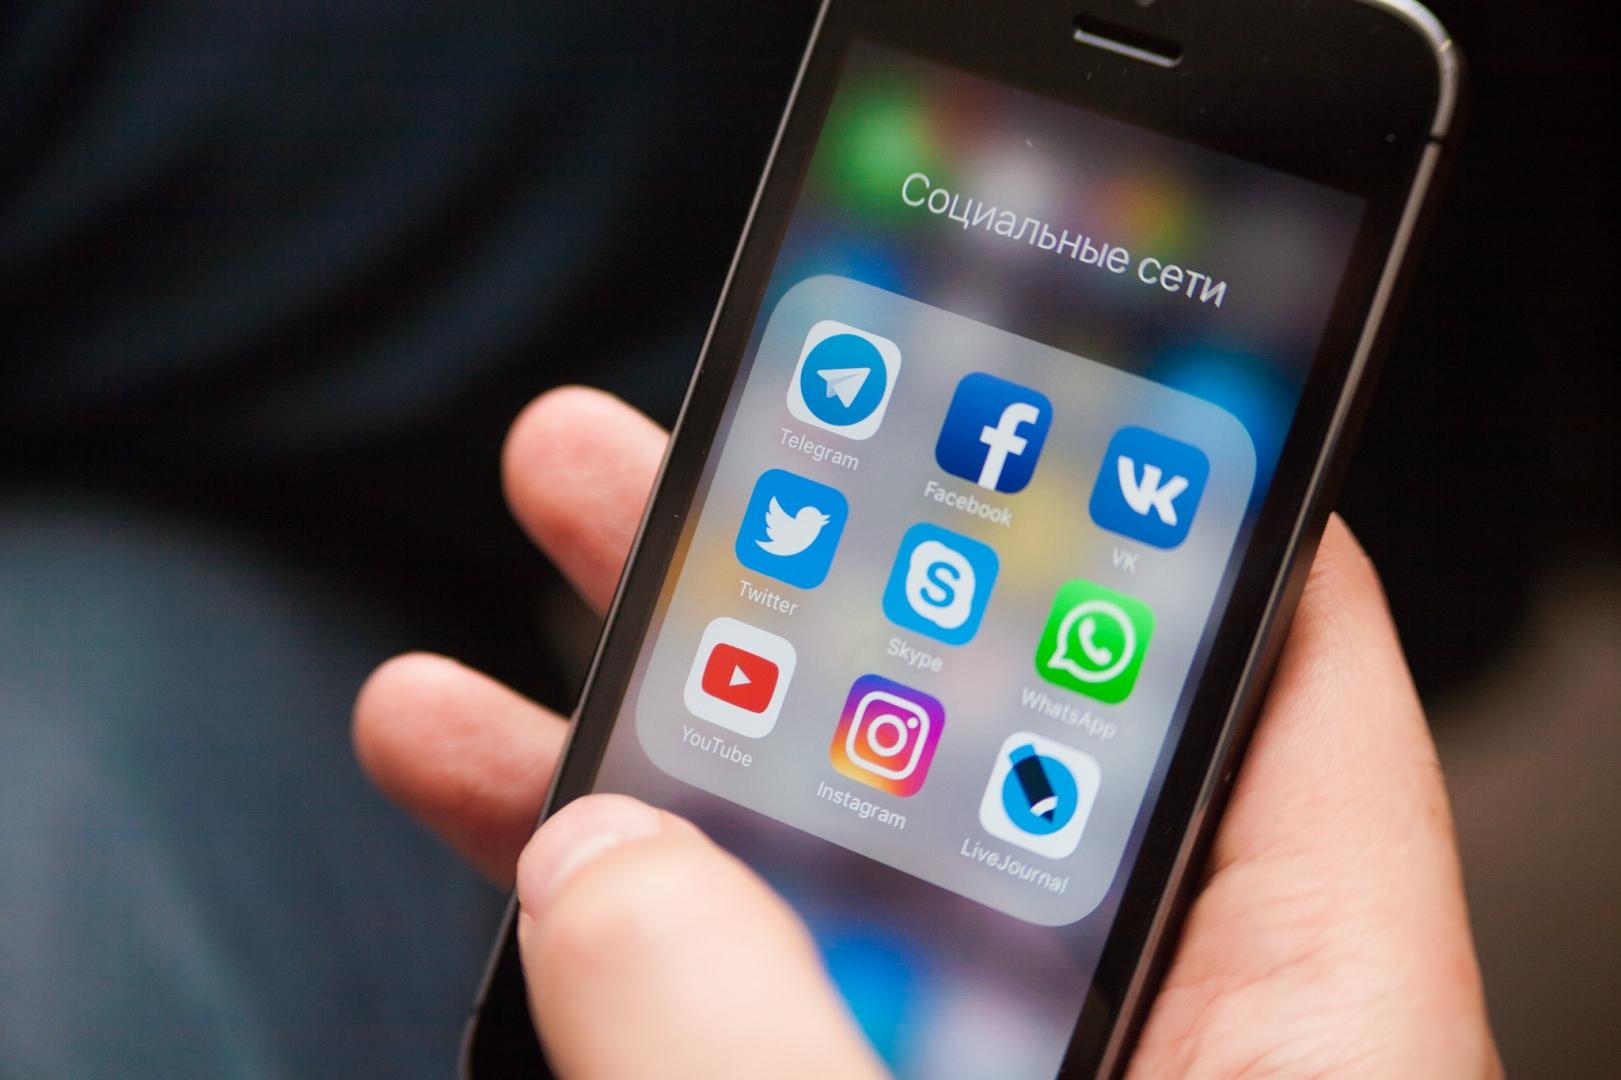 Социальные сети в телефоне картинки